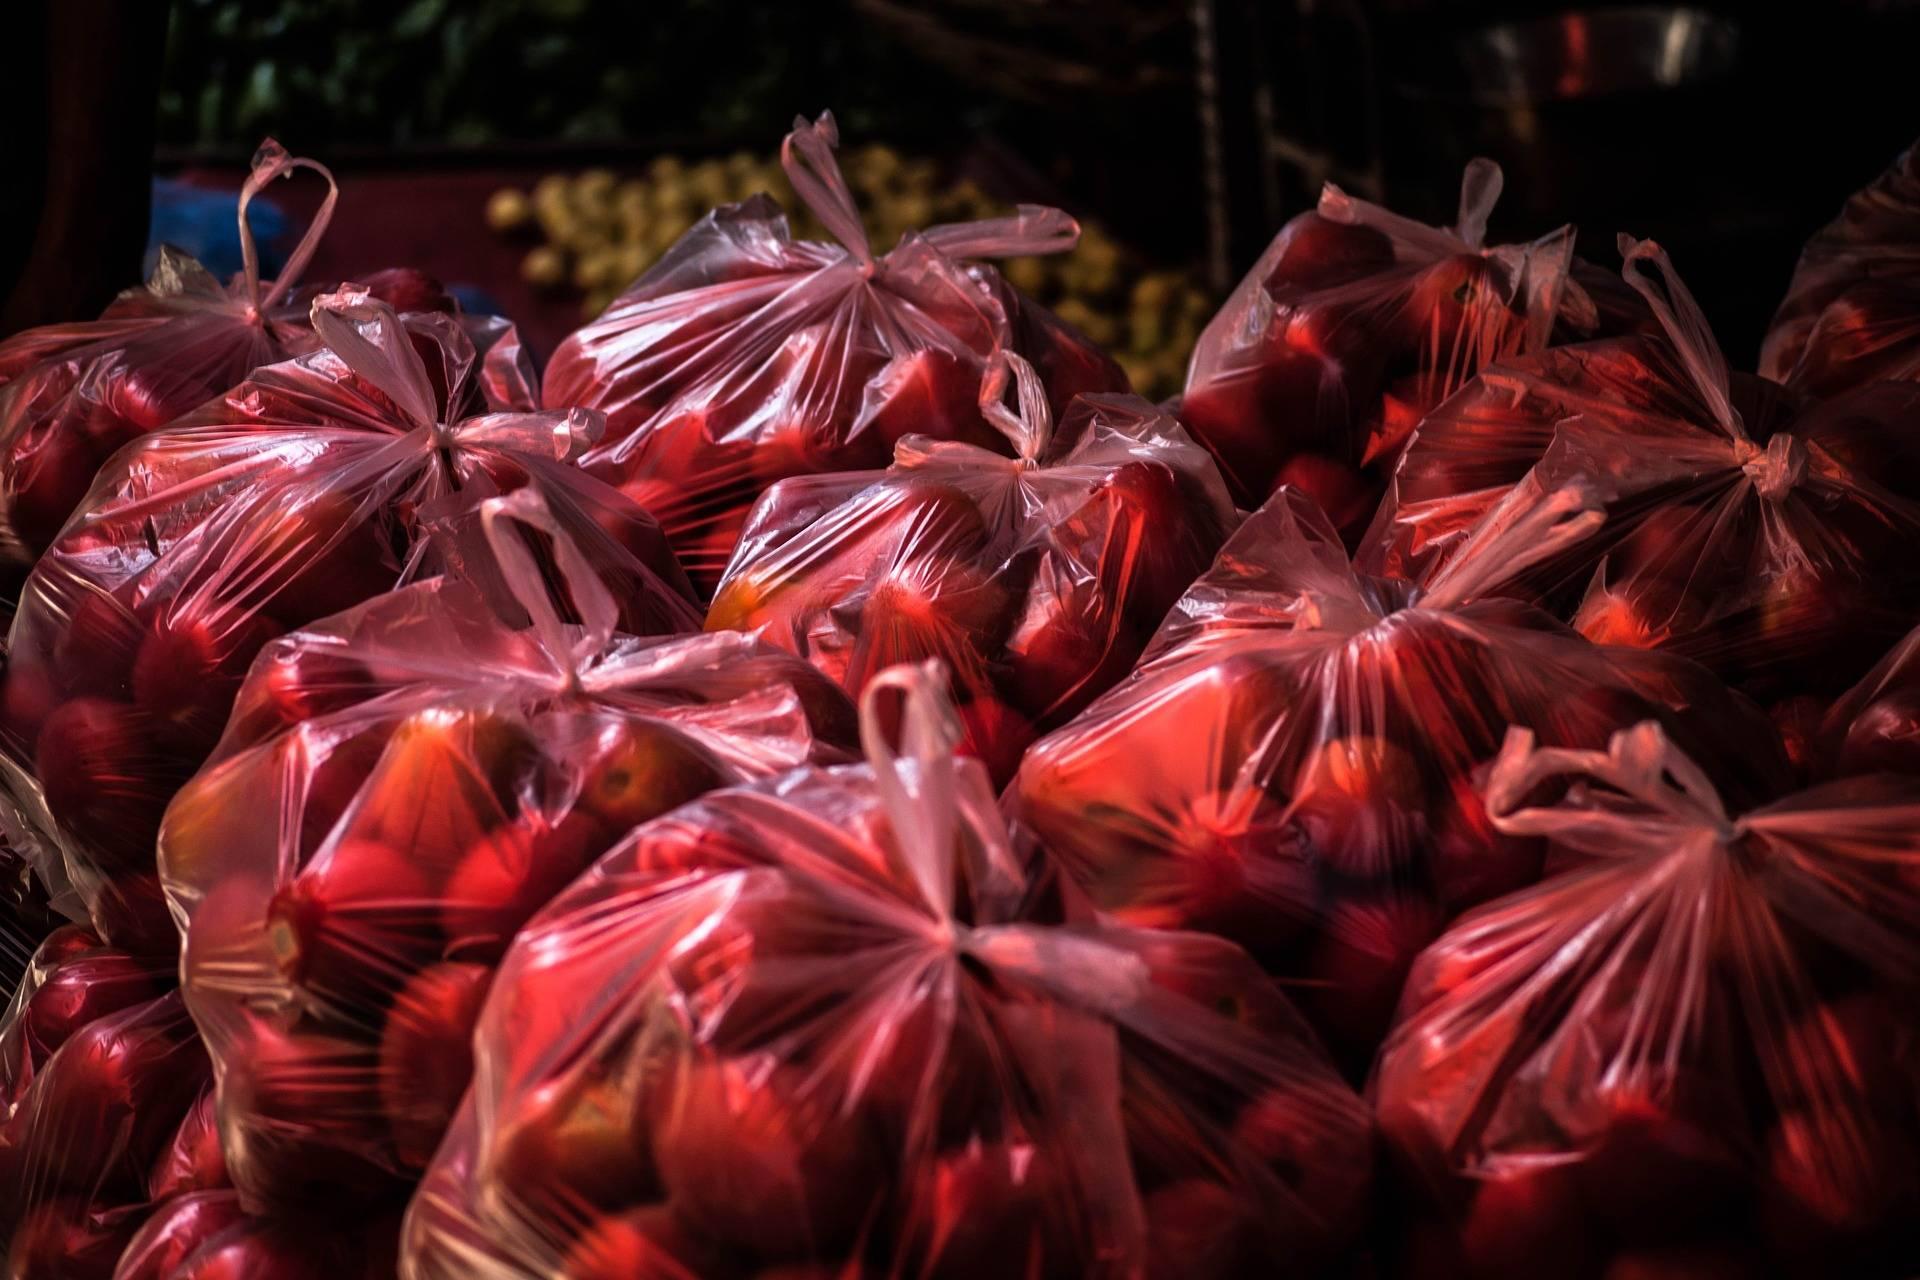 Viel zu viele Plastiktüten werden jedes Jahr verwendet.